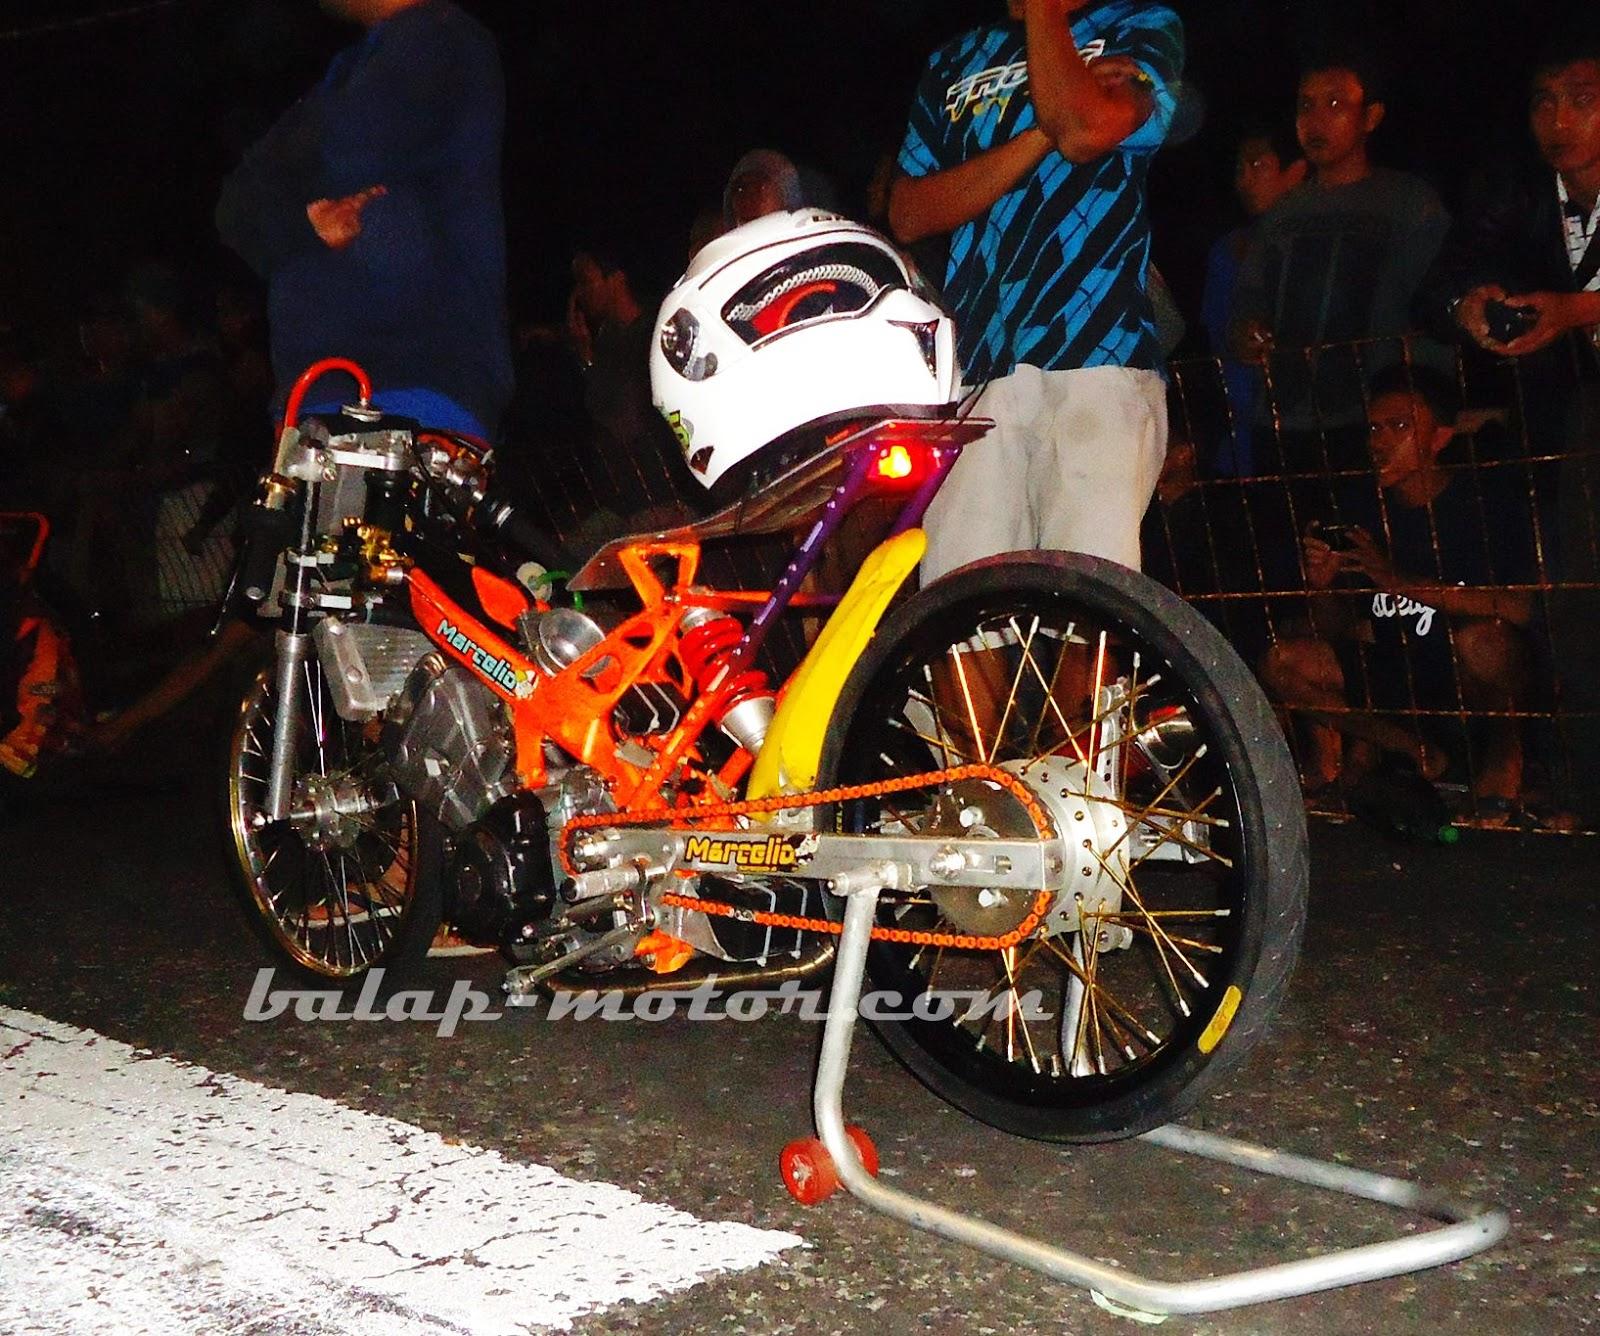 Download 100 Kumpulan Gambar Motor Drag Bike Terbaik Kampong Motor